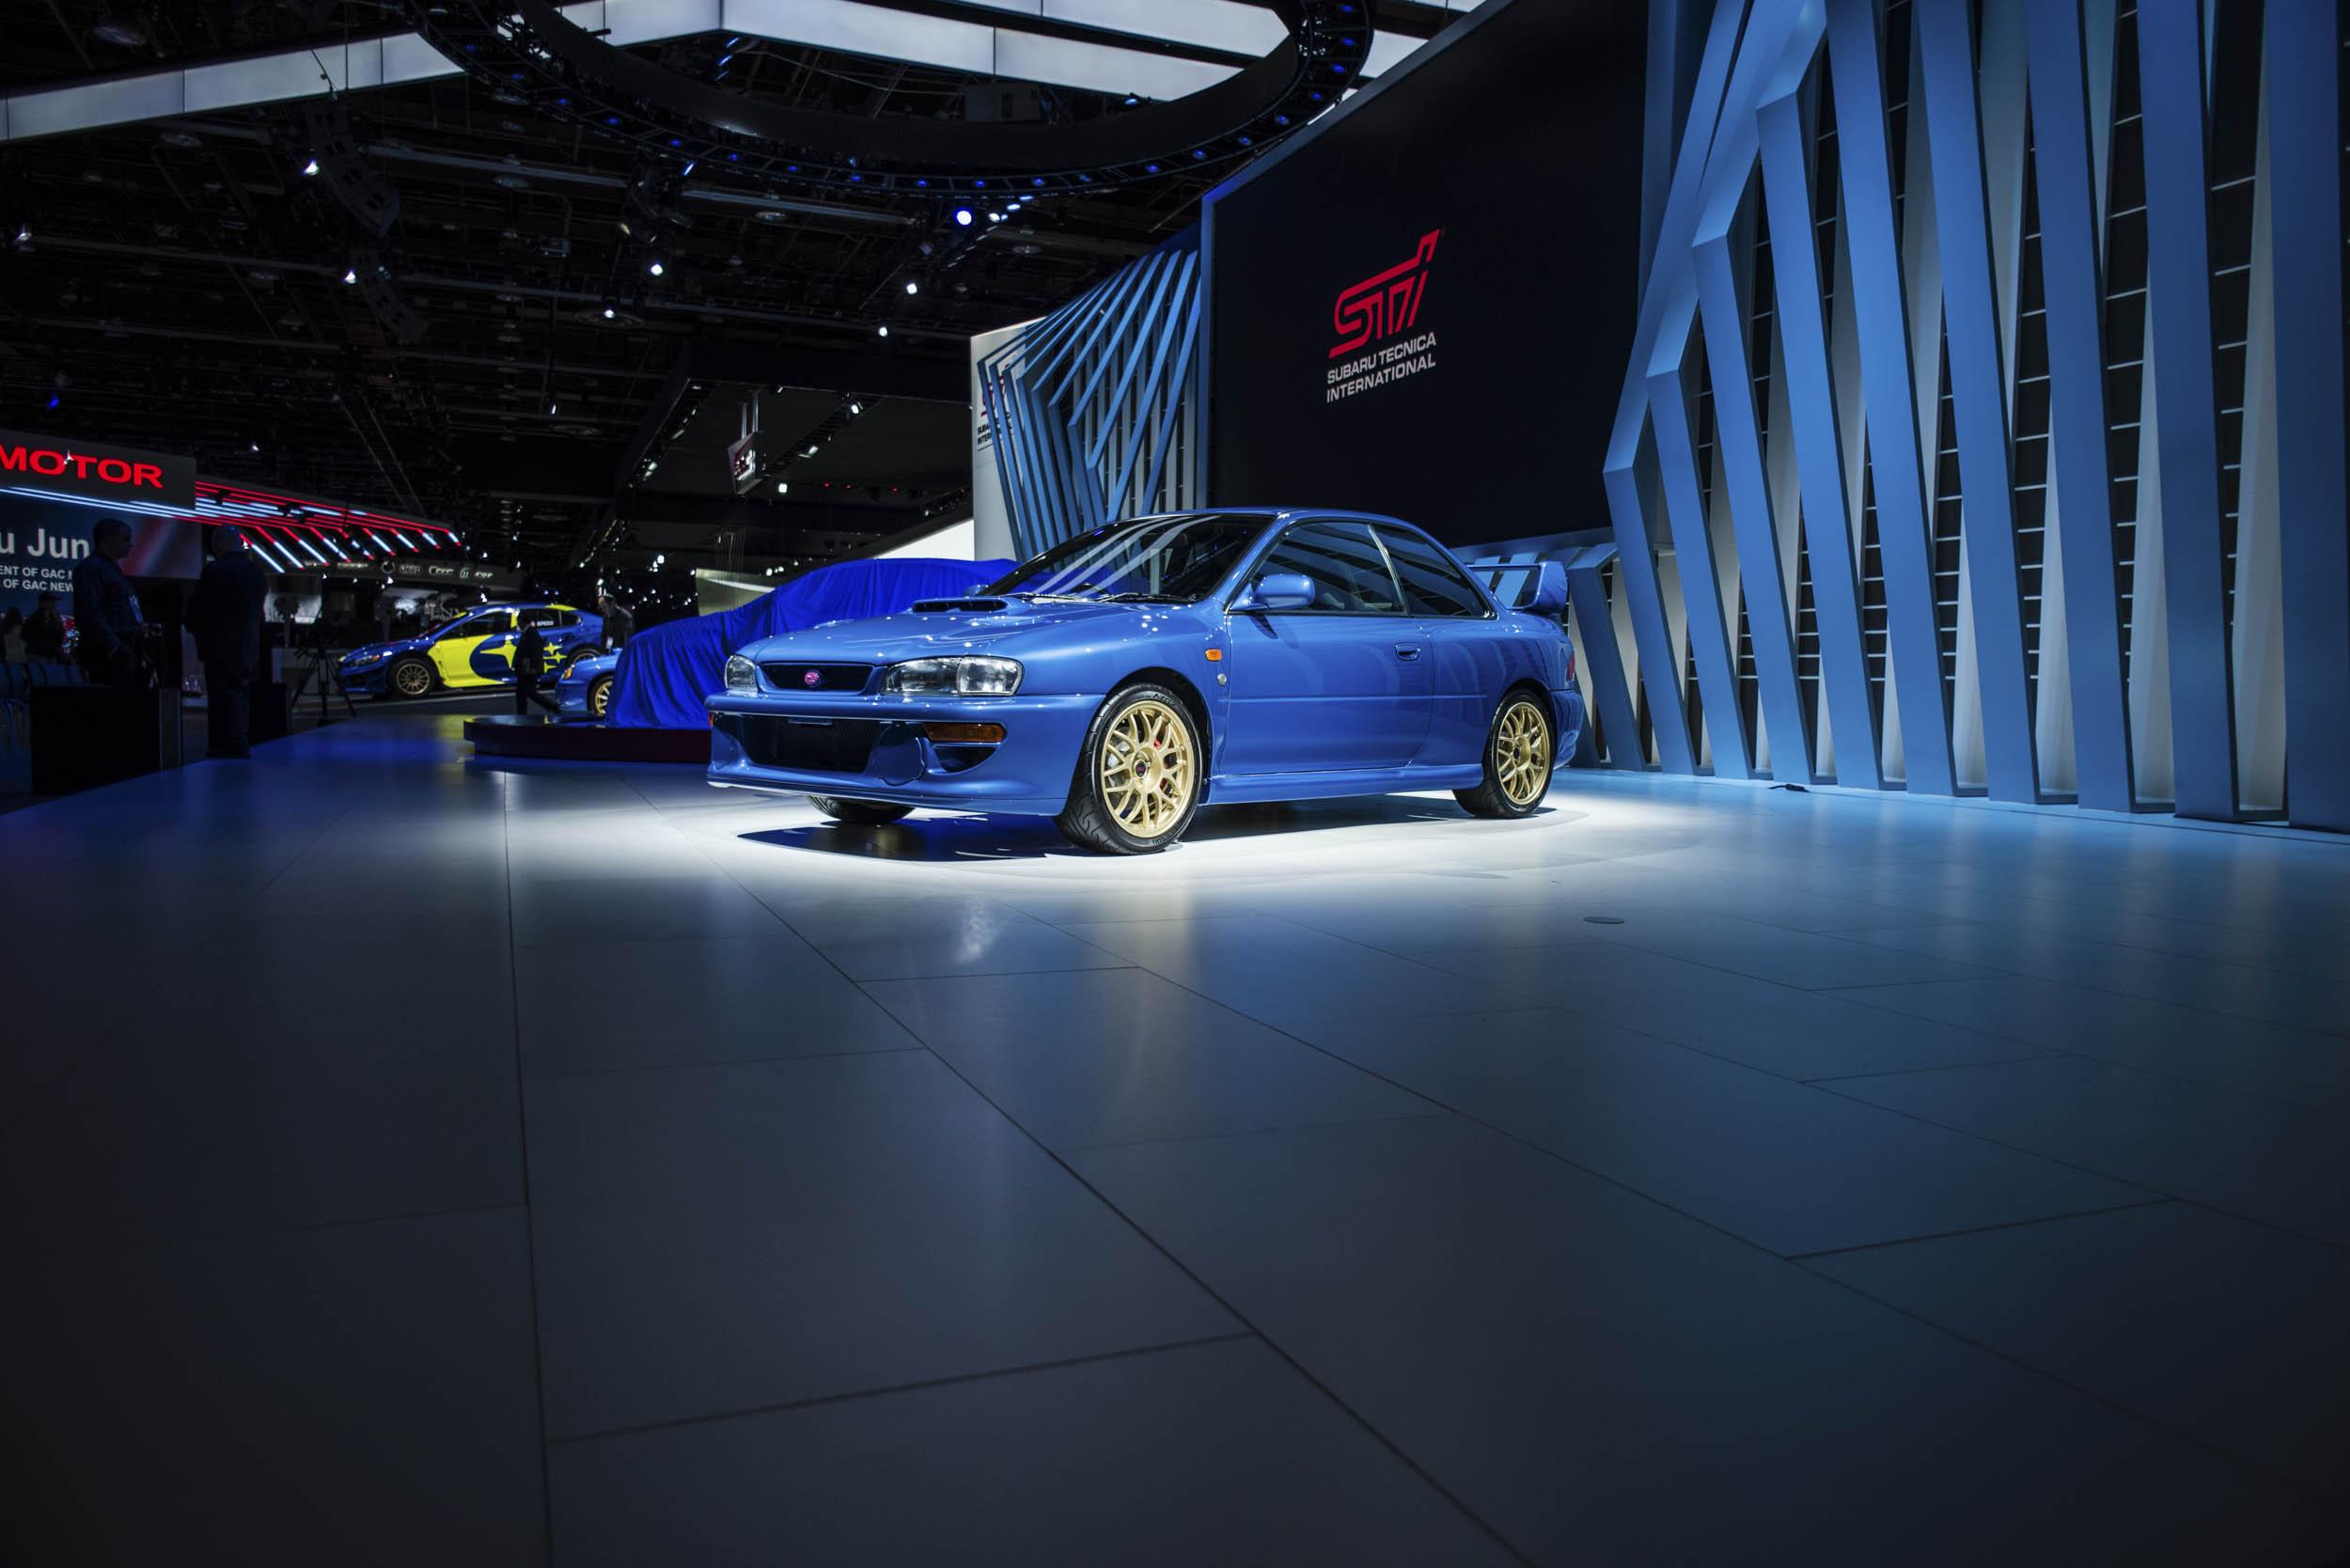 1998 Subaru 22B on the show floor